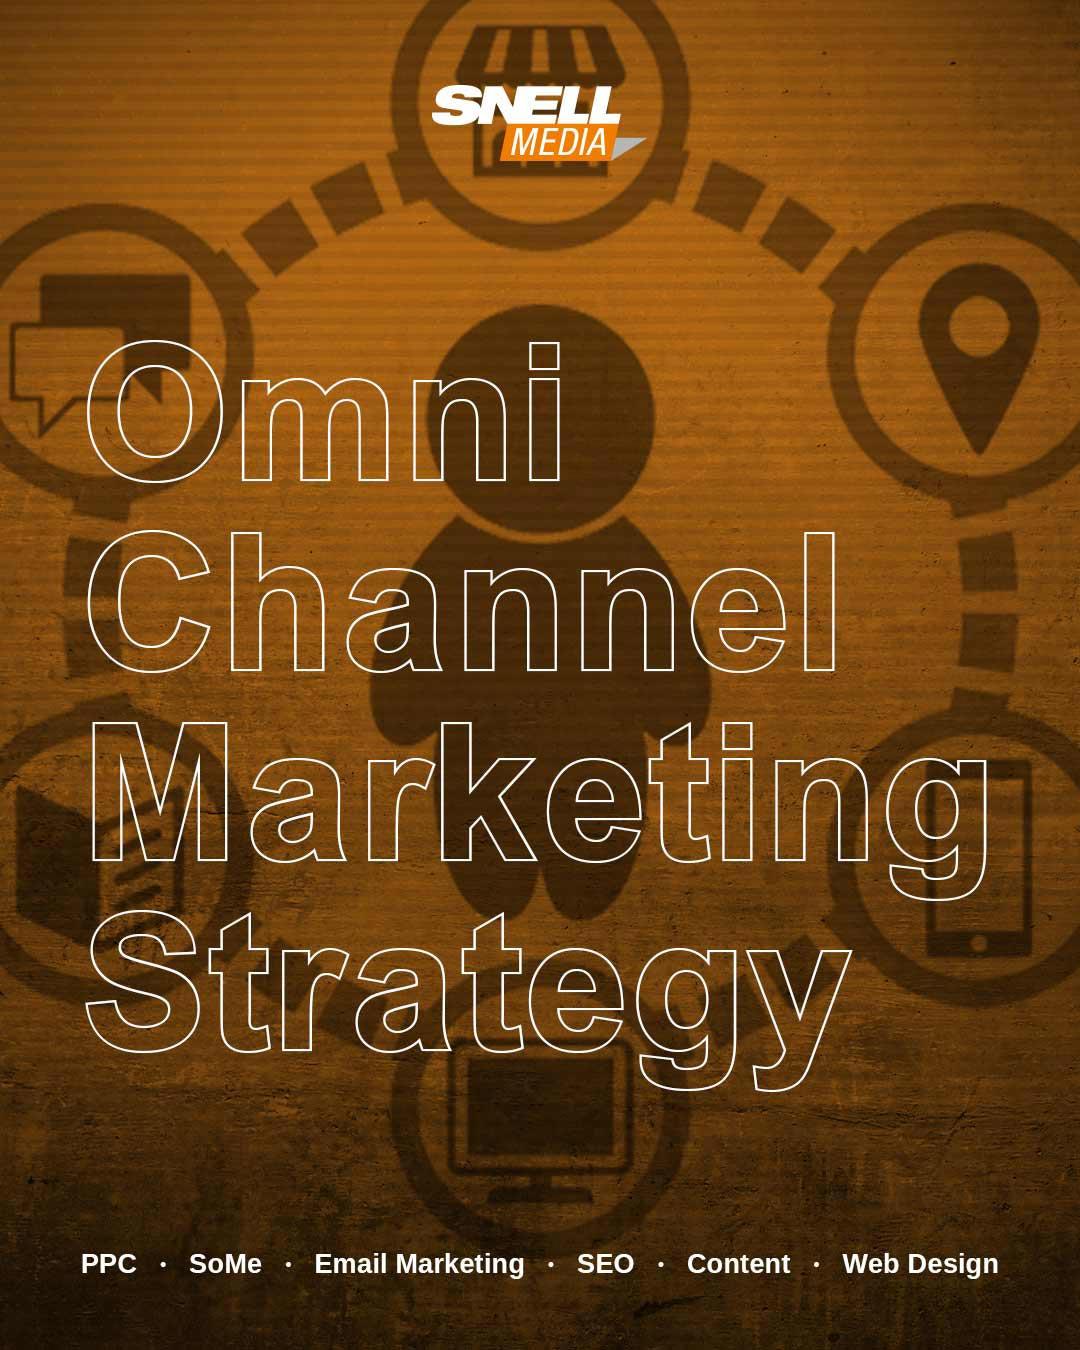 Omnichannel Marketing Strategy 5th B2B Digital Marketing Trend